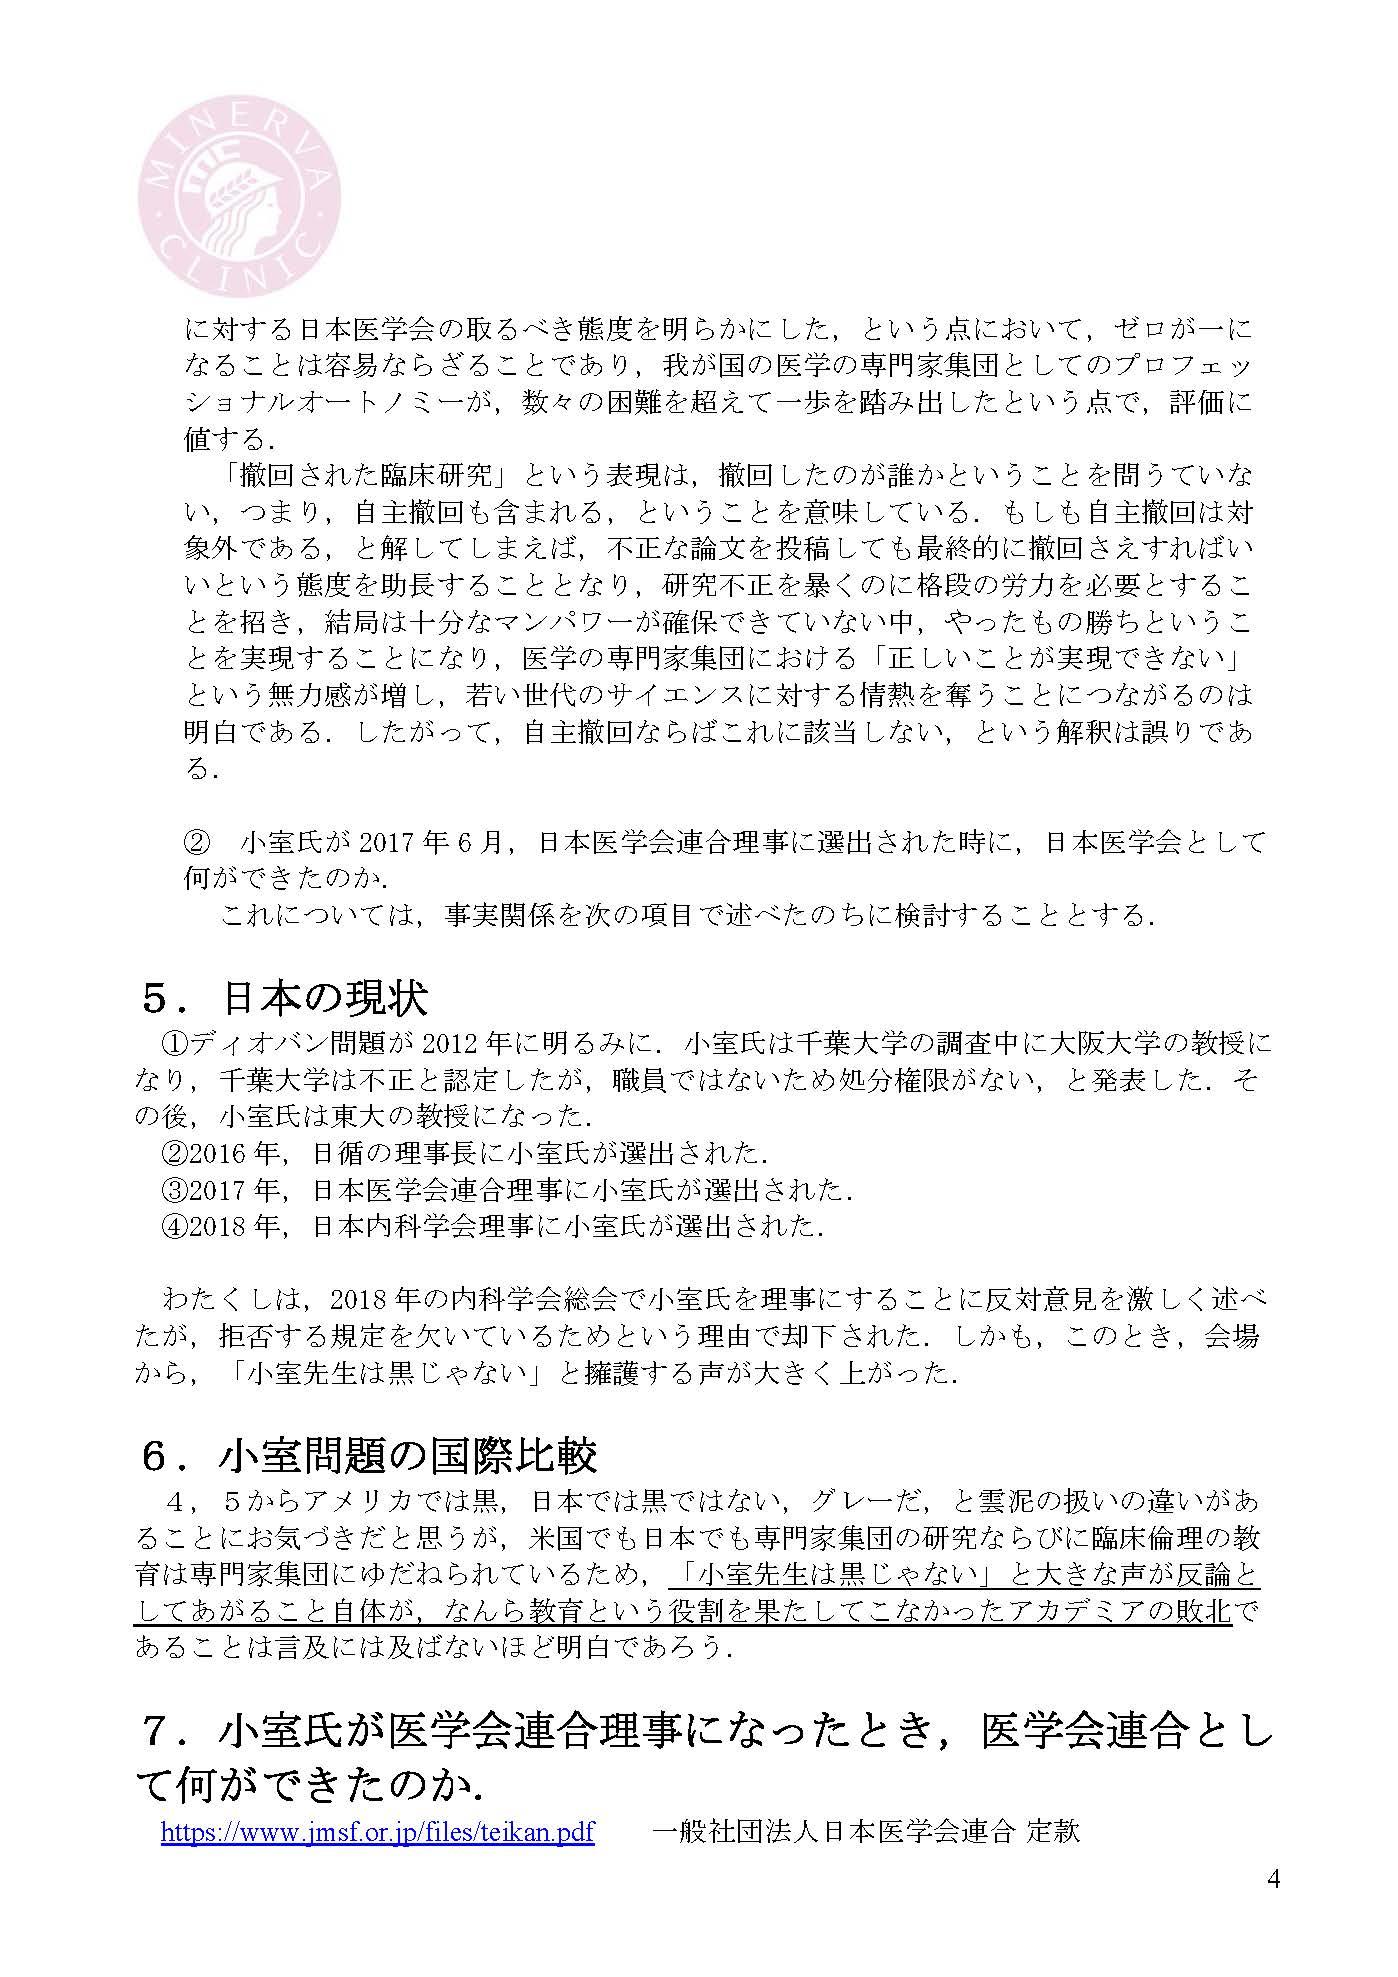 小室問題こっちが正しいバージョン2019060101_ページ_4